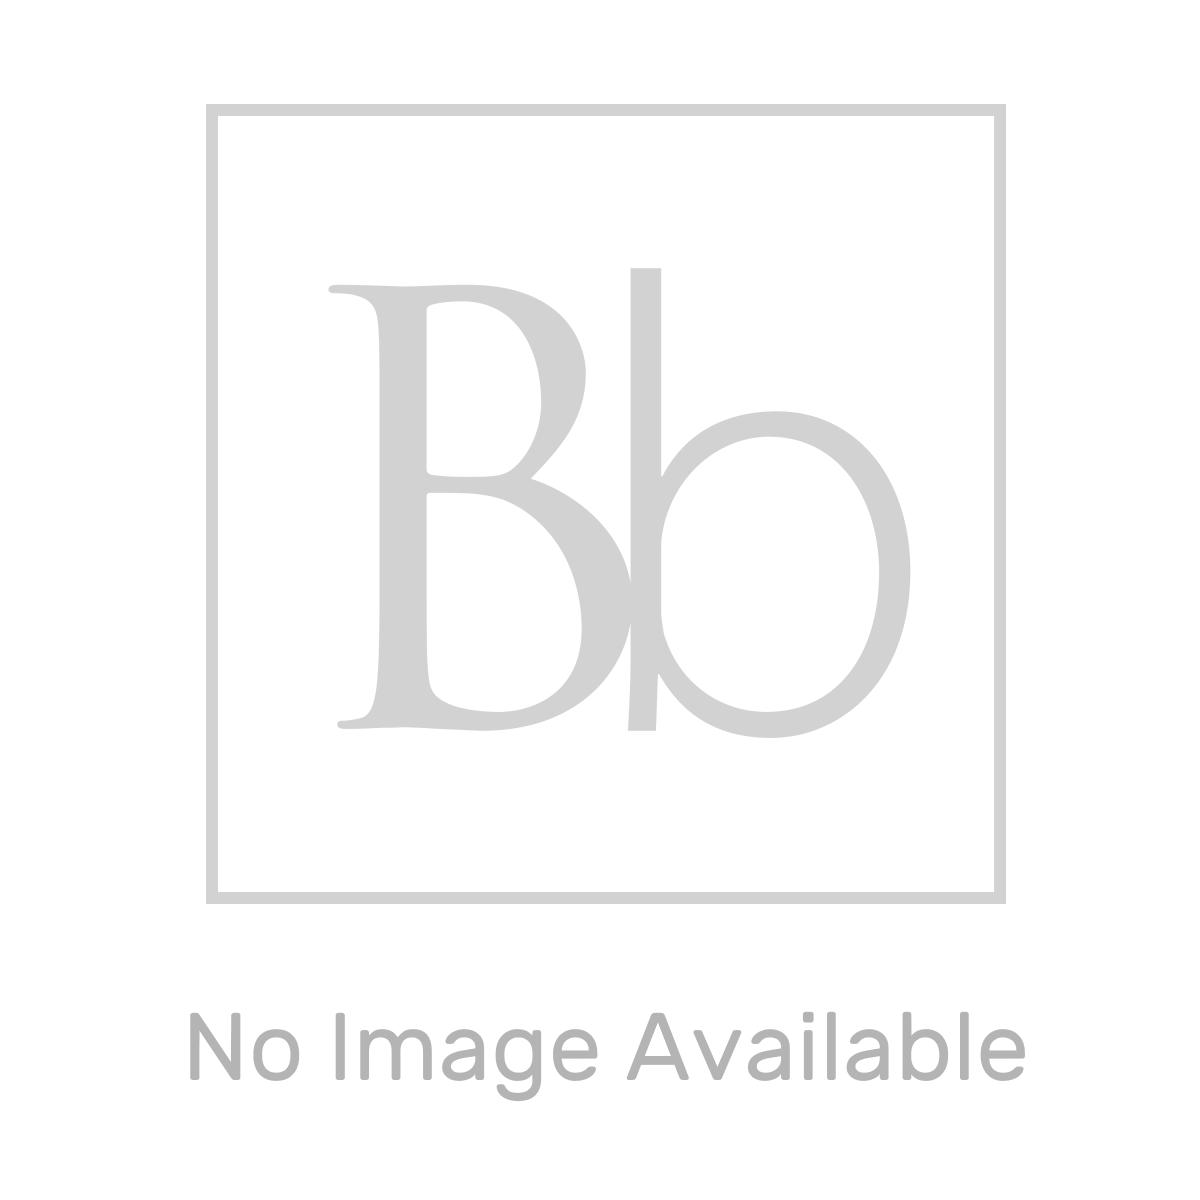 Reina Artena Polished Double Panel Steel Radiator 590 x 1000mm